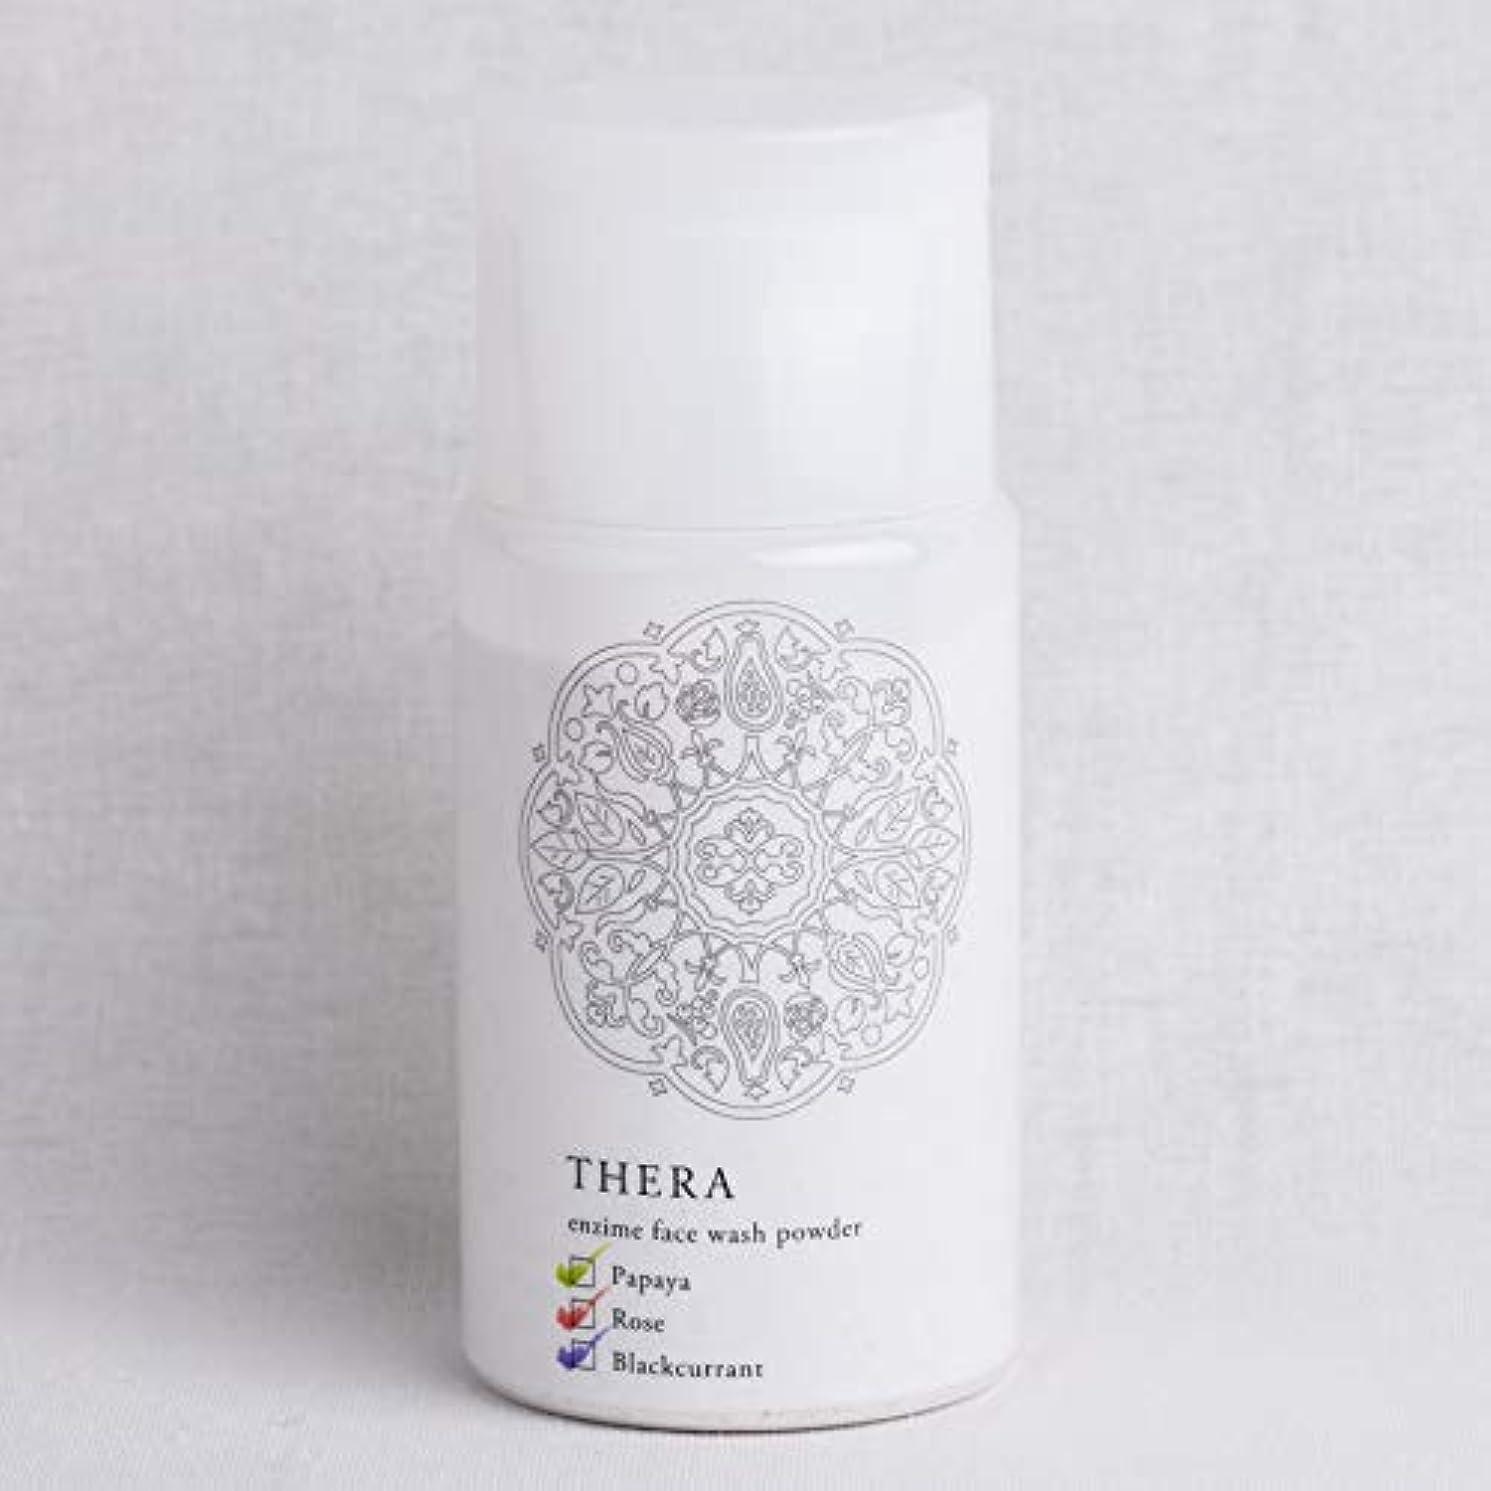 地元カストディアン抑制THERA(テラ) 酵素のあらい粉 洗顔 あか 50g